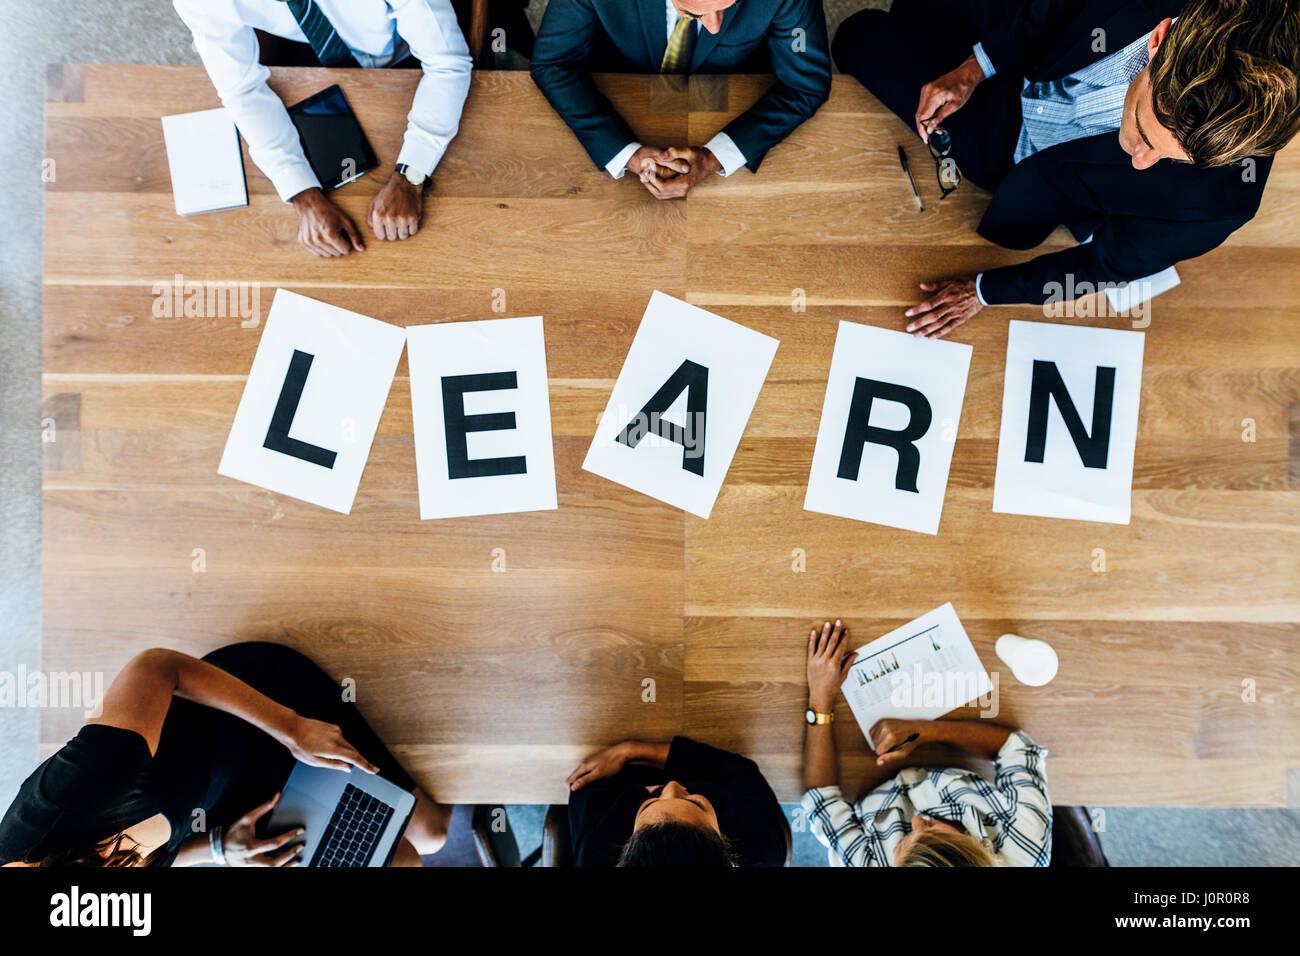 Wort lernen auf Geschäft Arbeitstisch. Draufsicht der Büroangestellte an einem Tisch im Konferenzraum Stockbild